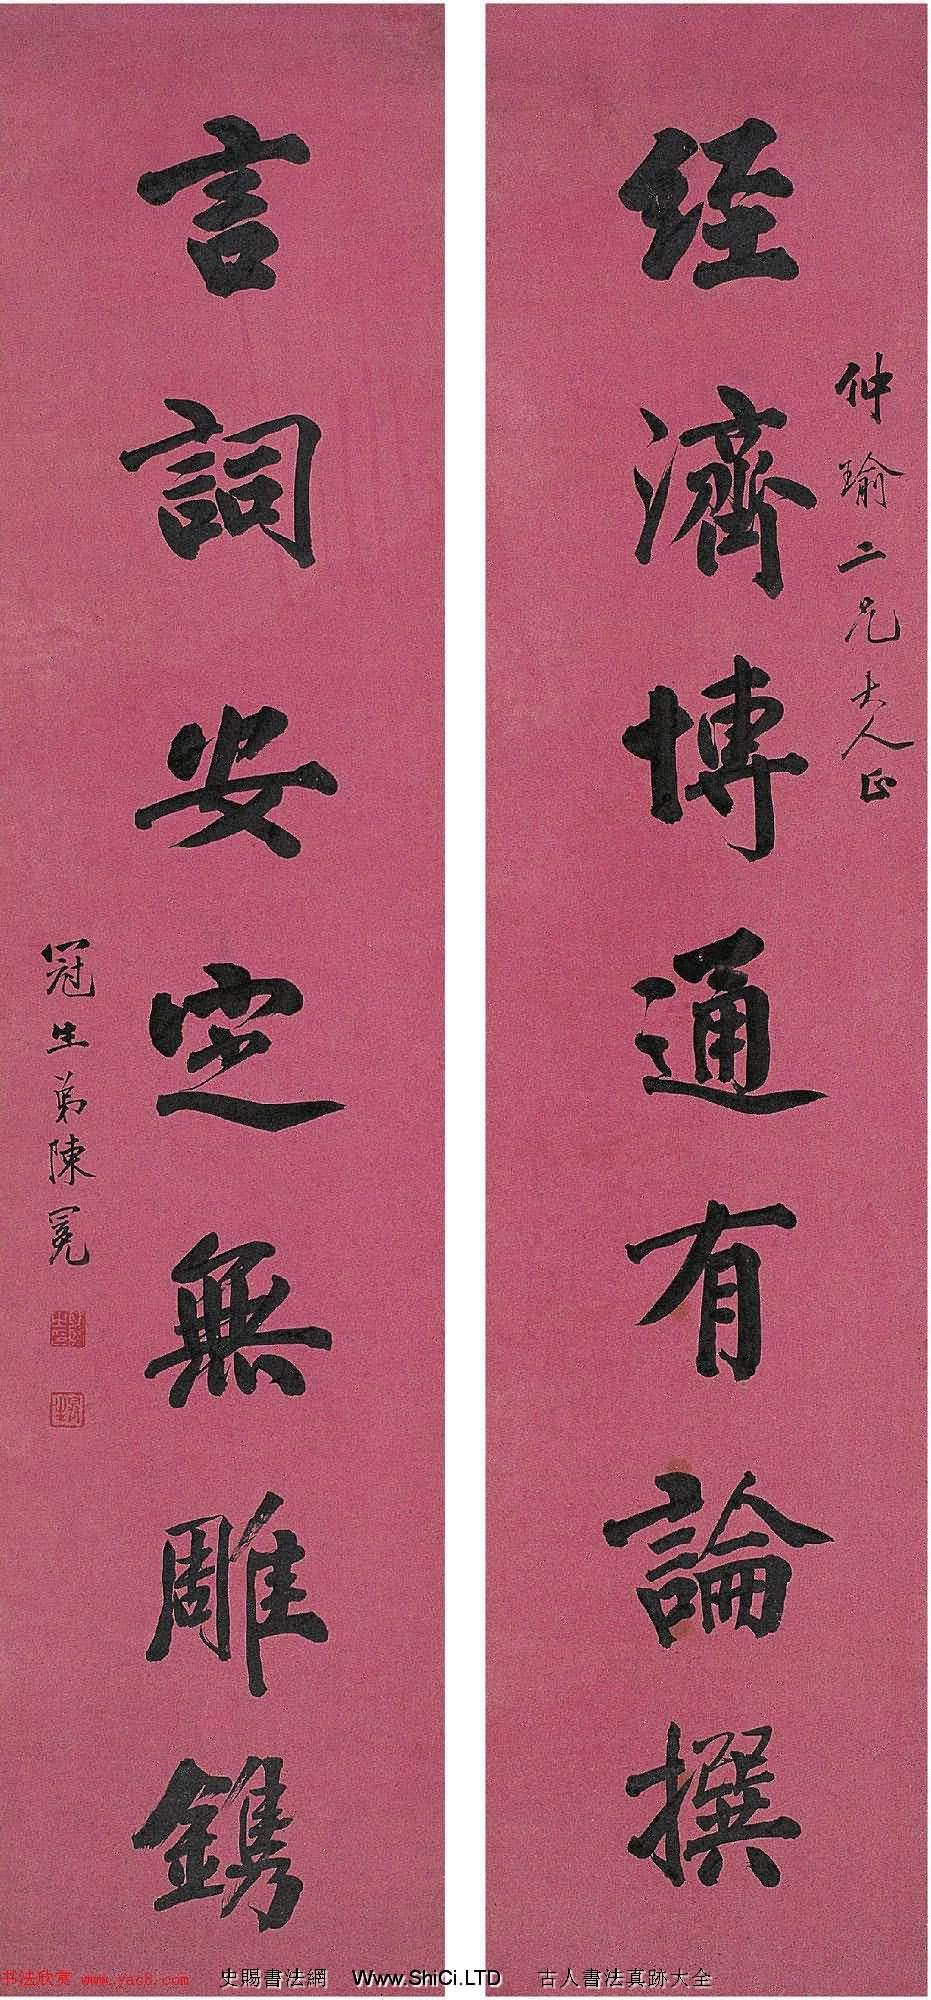 狀元陳冕行楷書法作品真跡欣賞(共6張圖片)